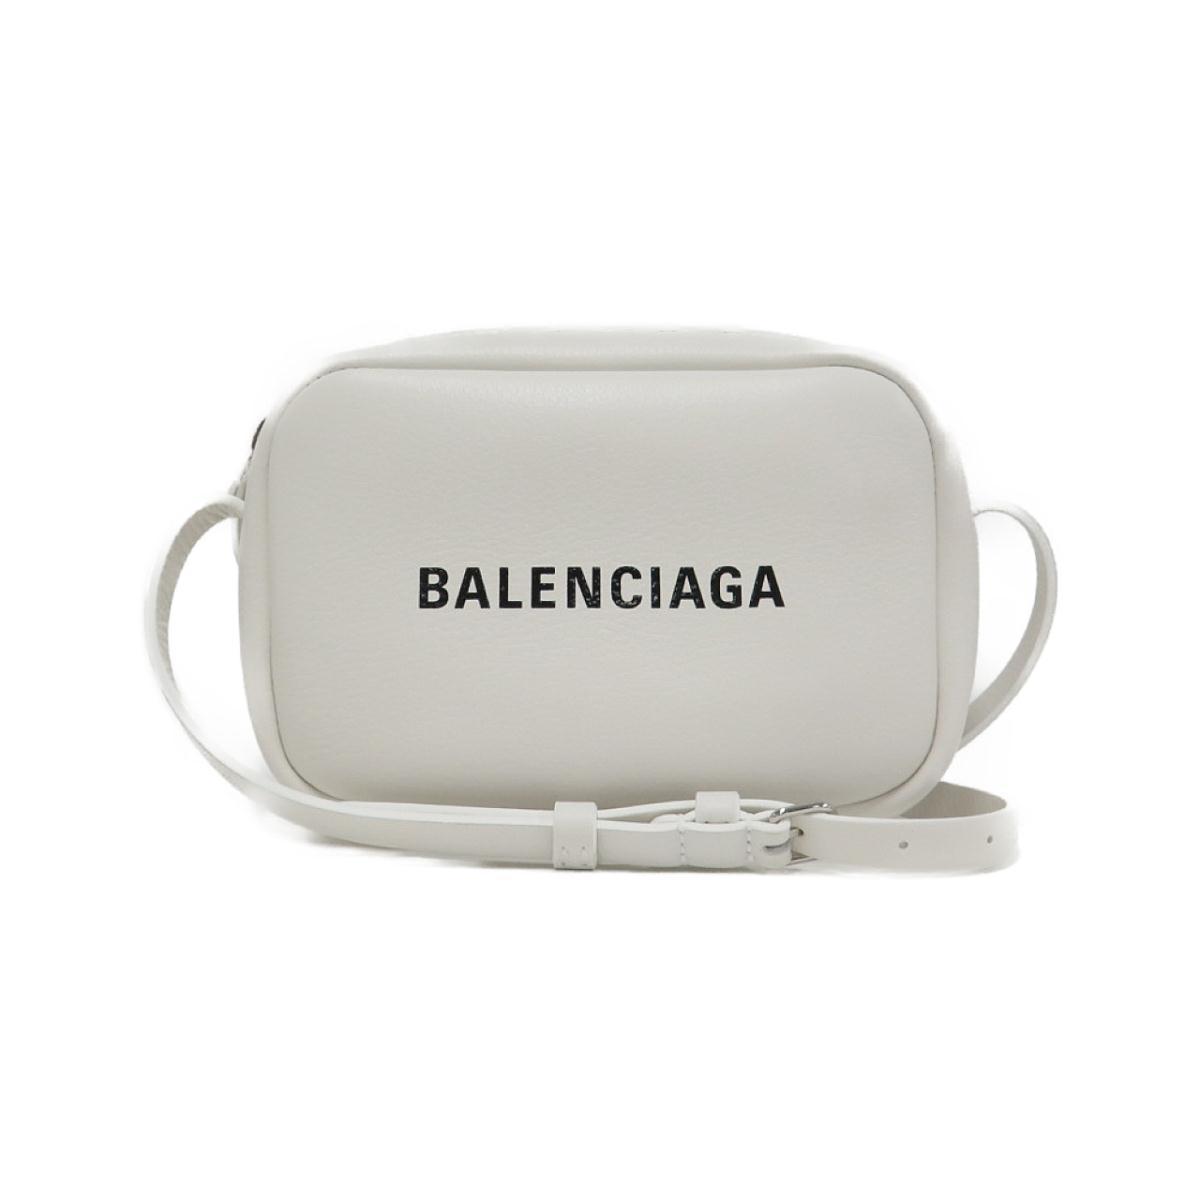 【新品】バレンシアガ バッグ XS 489809 D6W2N【新品】